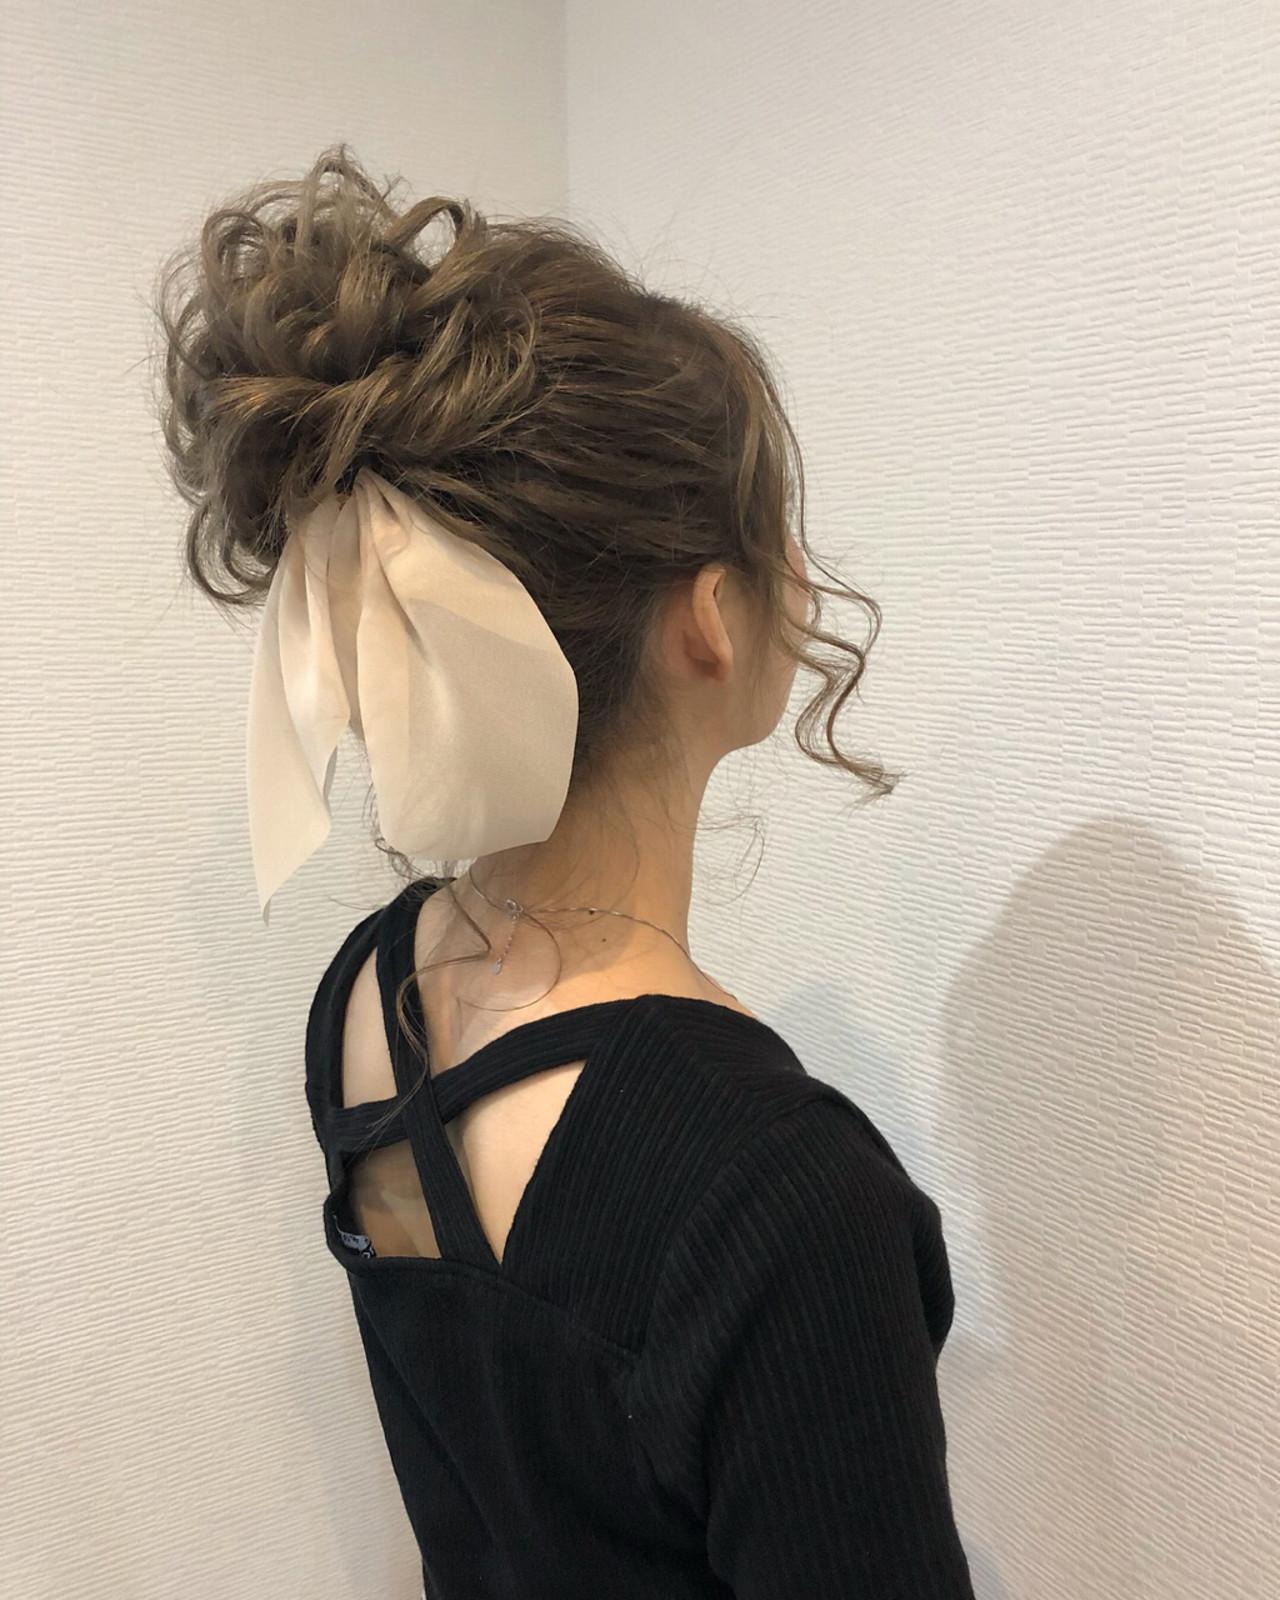 フェミニン ヘアアレンジ お団子 アップスタイル ヘアスタイルや髪型の写真・画像